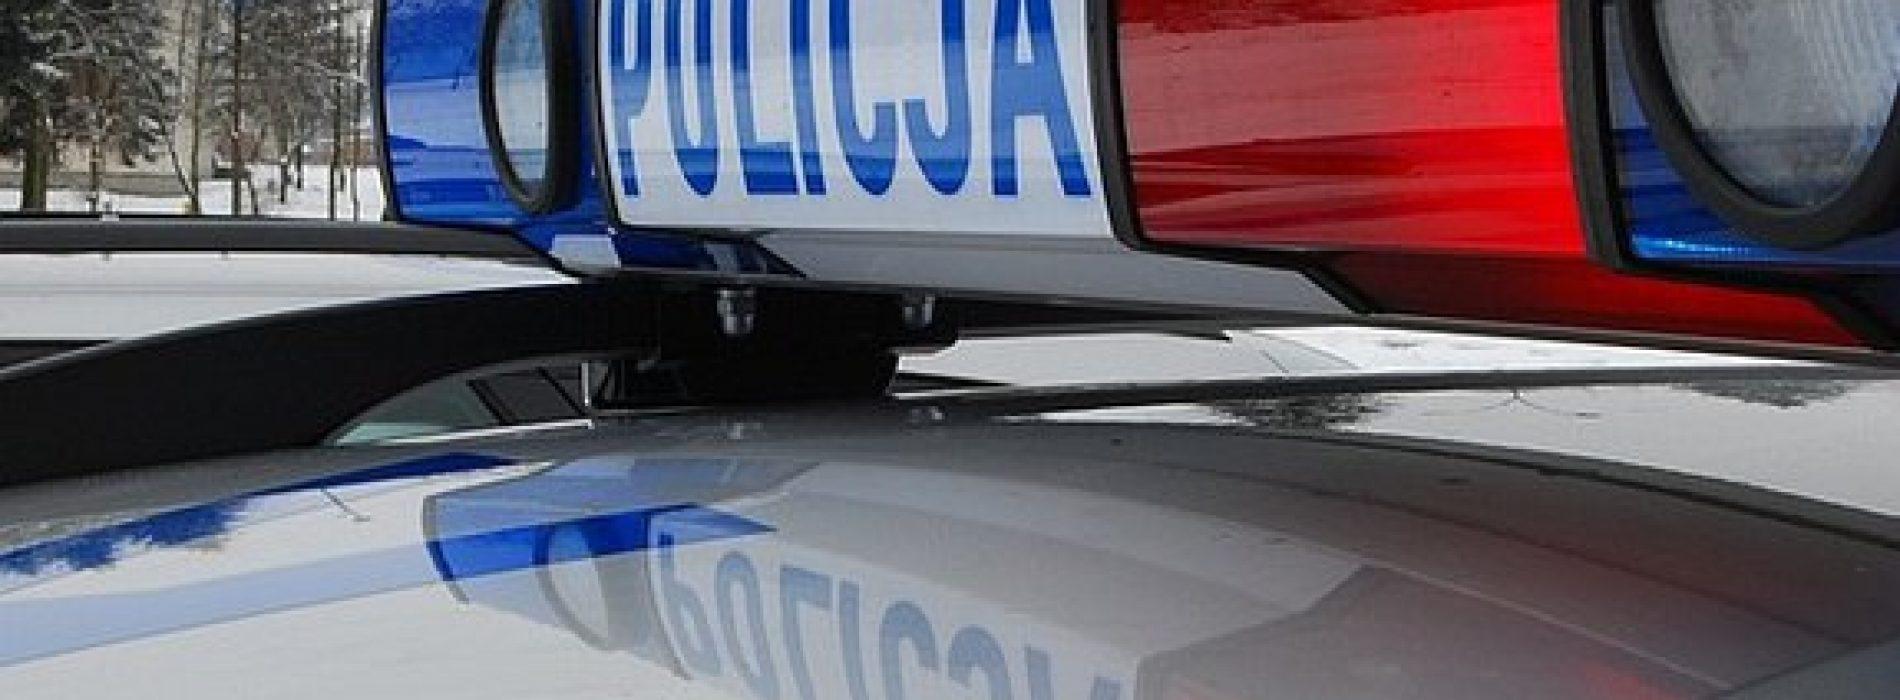 POLICYJNA INFOLINA O UTRUDNIENIACH W RUCHU DROGOWYM 6 LIPCA NA TERENIE WARSZAWY